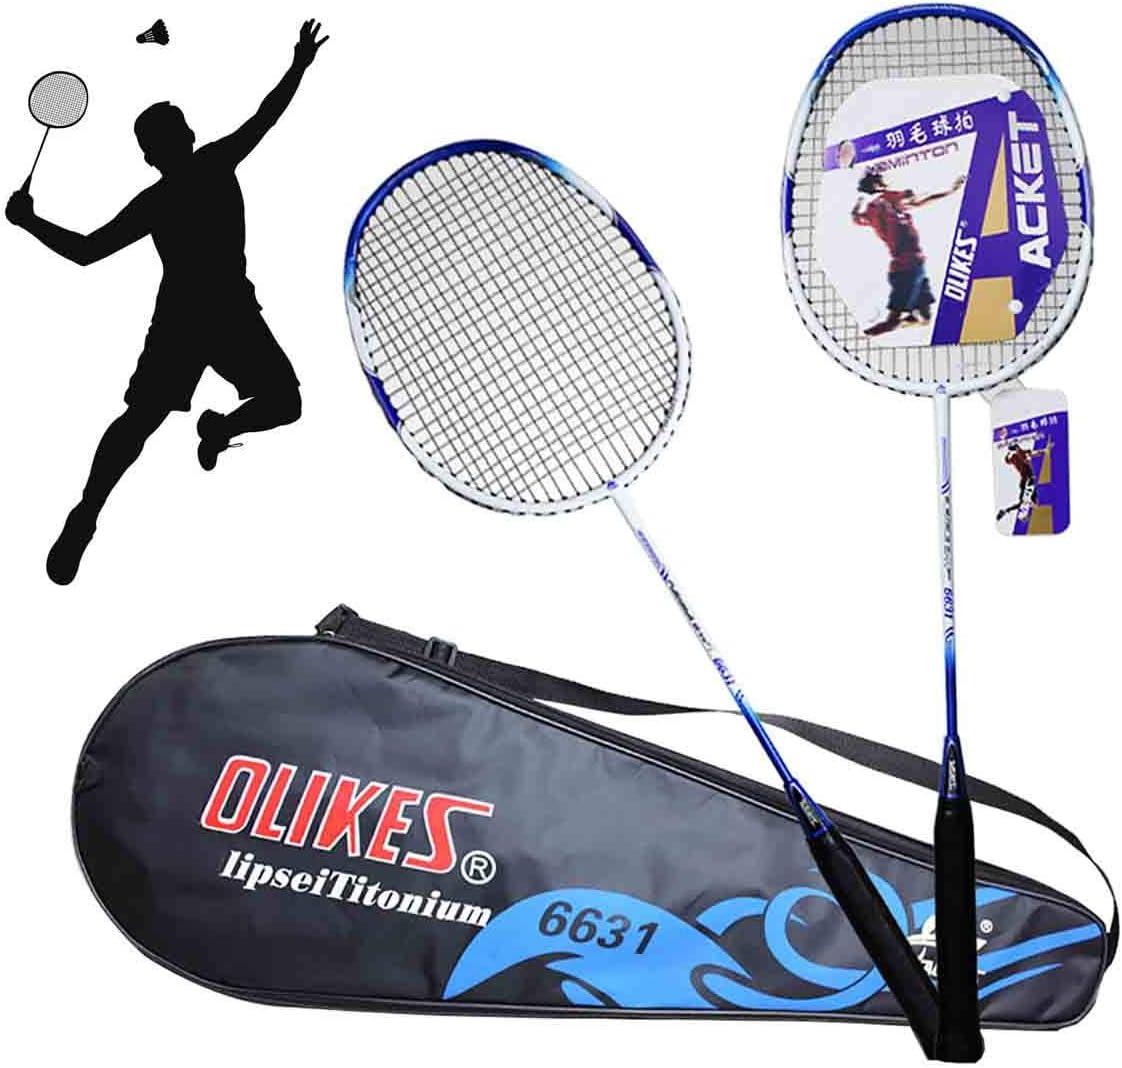 GUOHAPPY Raquetas Badminton, 4 Raquetas, 2 Bolsas, Juegos Divertidos de jardín Interior y Exterior, Aptos para Principiantes y Aficionados